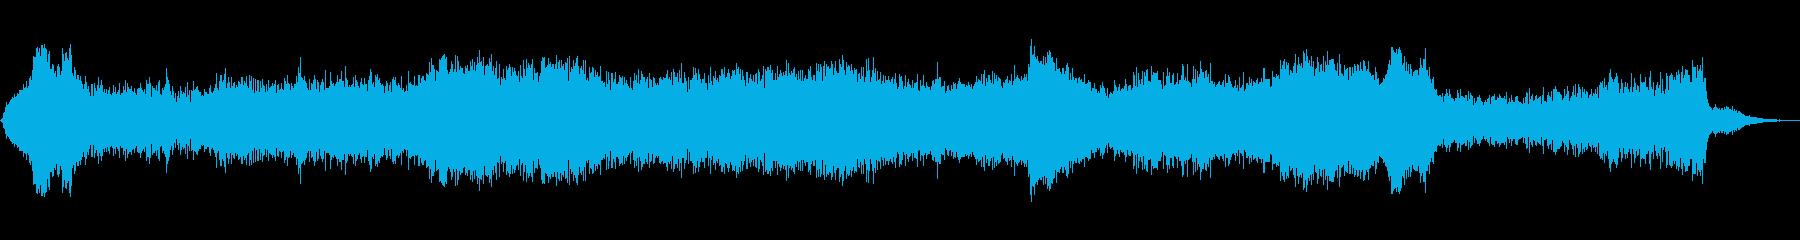 乱流の再生済みの波形